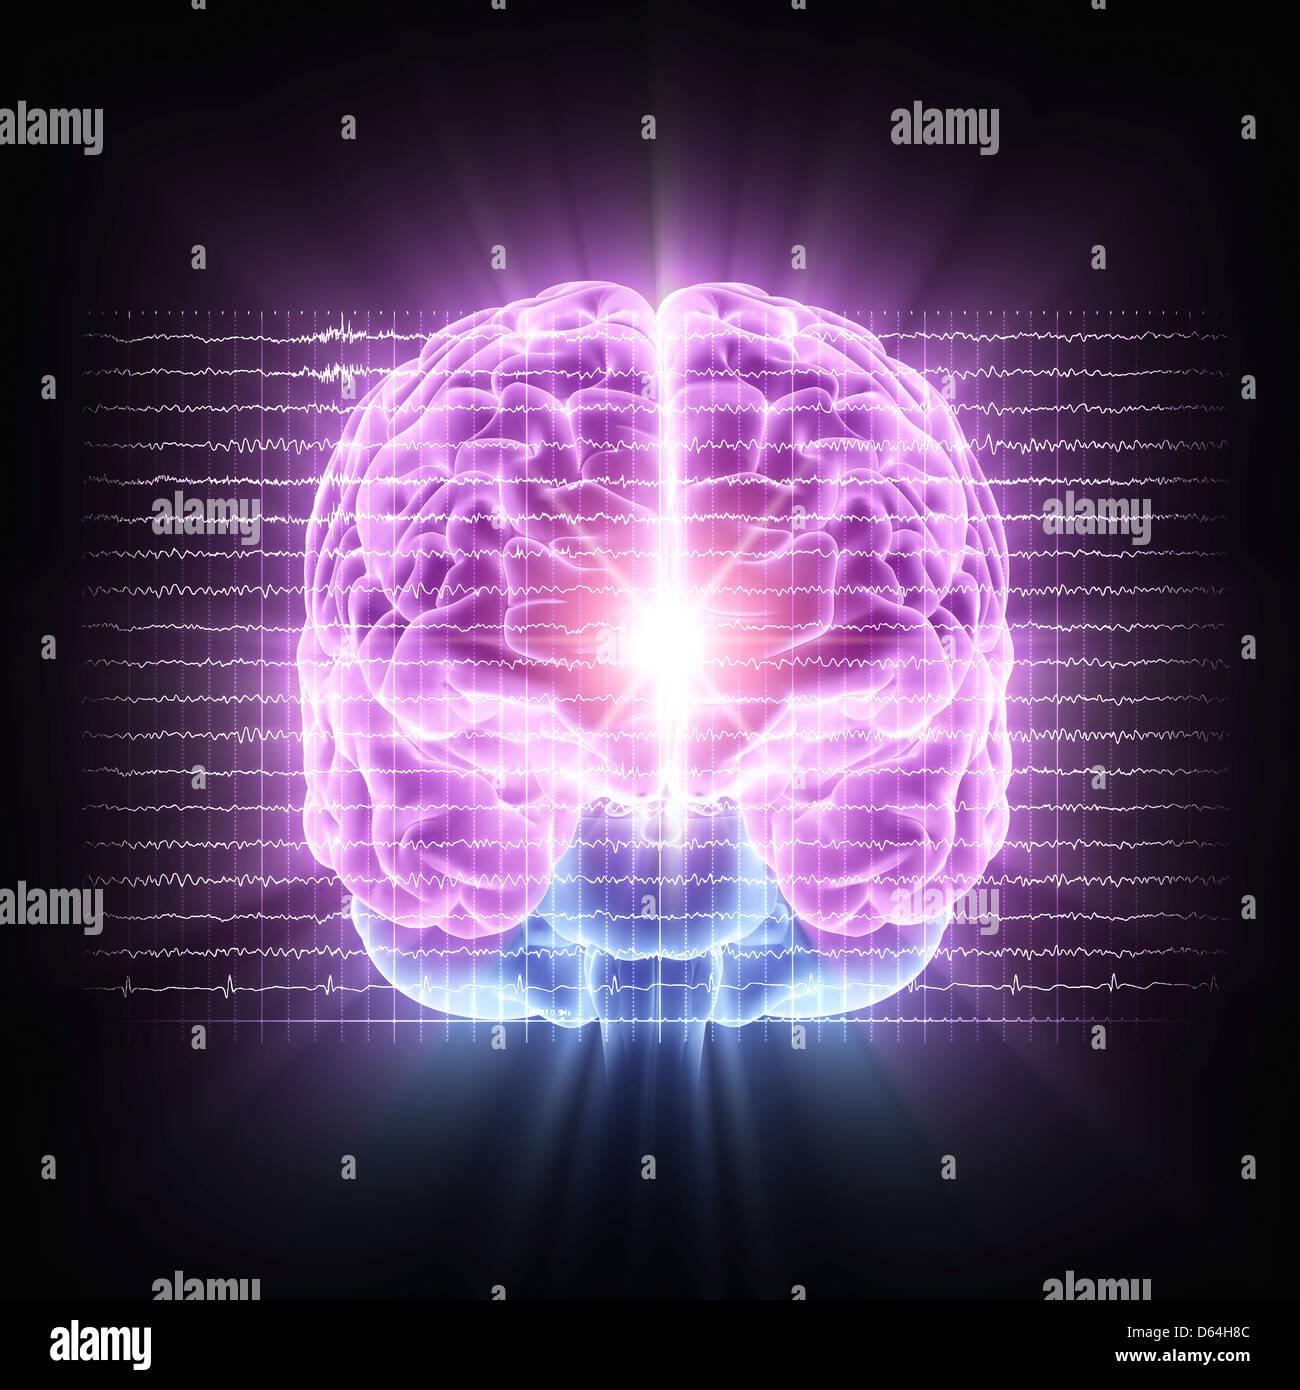 La actividad cerebral, ilustraciones Imagen De Stock